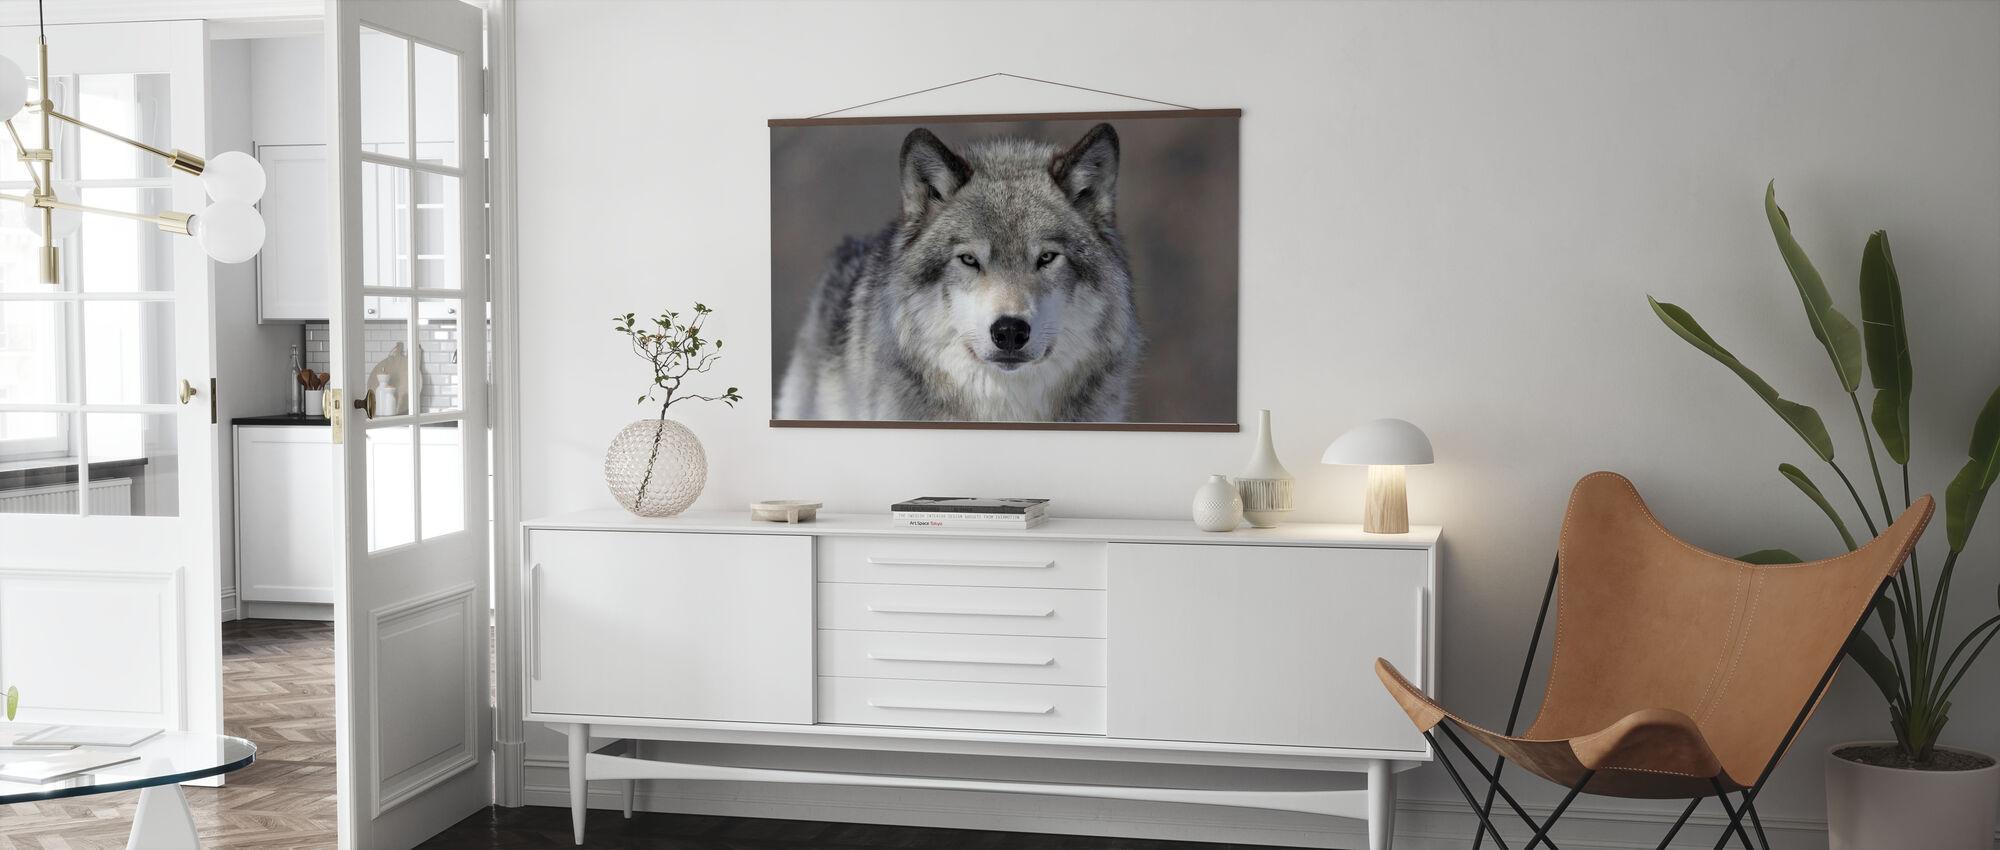 Porträt von einem Wolf - Poster - Wohnzimmer